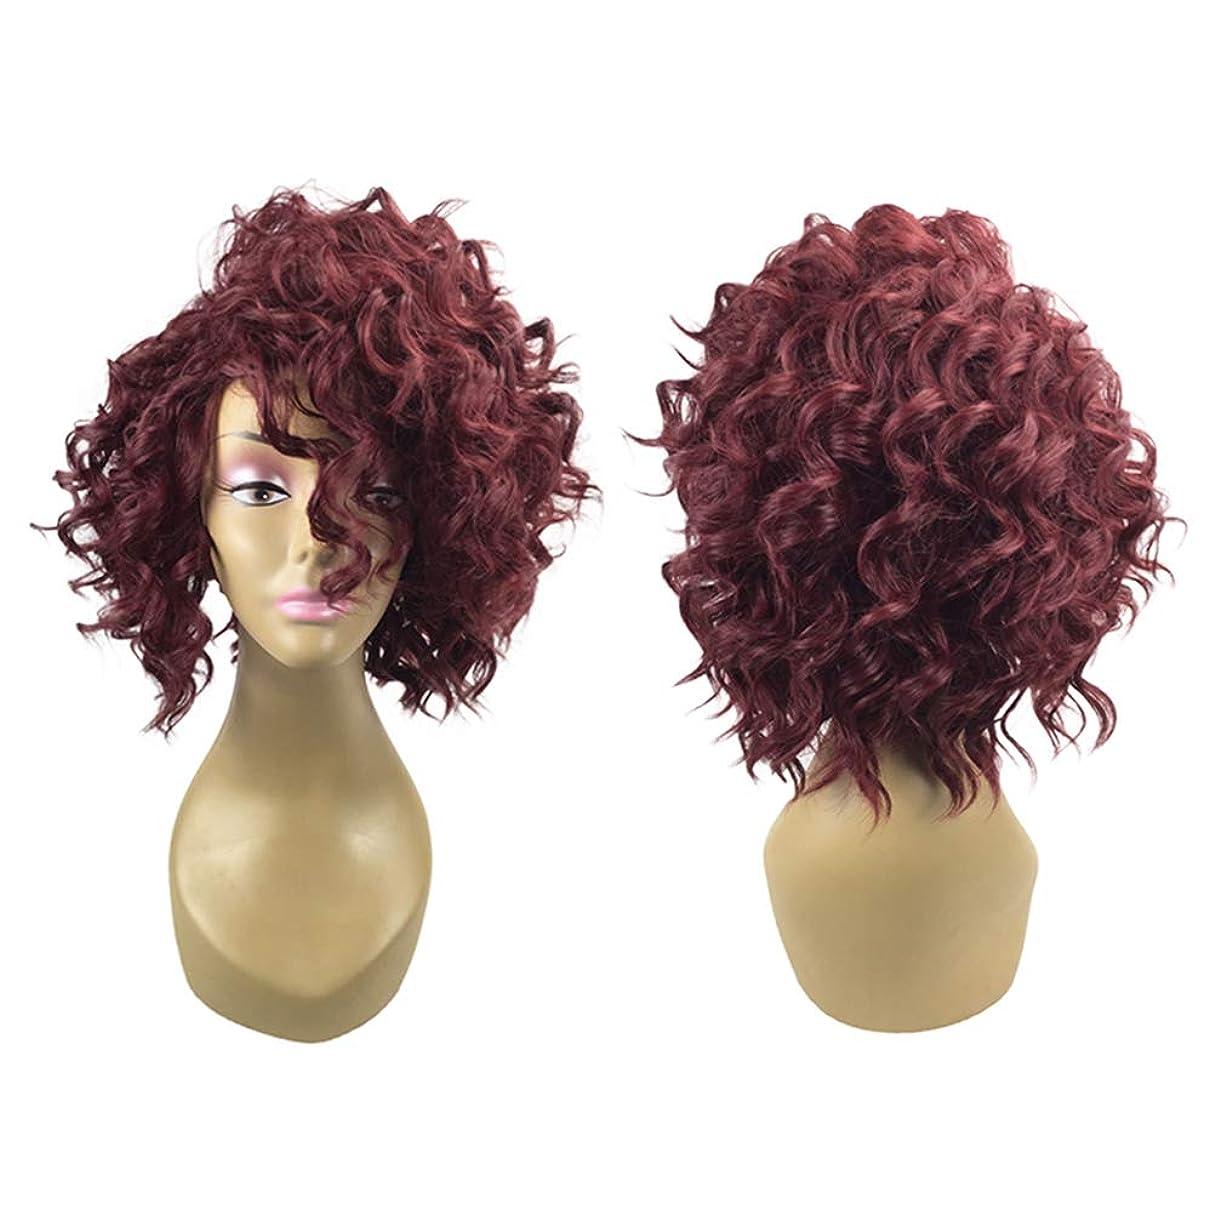 是正ボリューム心配する女性ファッションヘアウィッグ自然に見える絶妙な弾性ネット付きカバー(589ワインレッド)